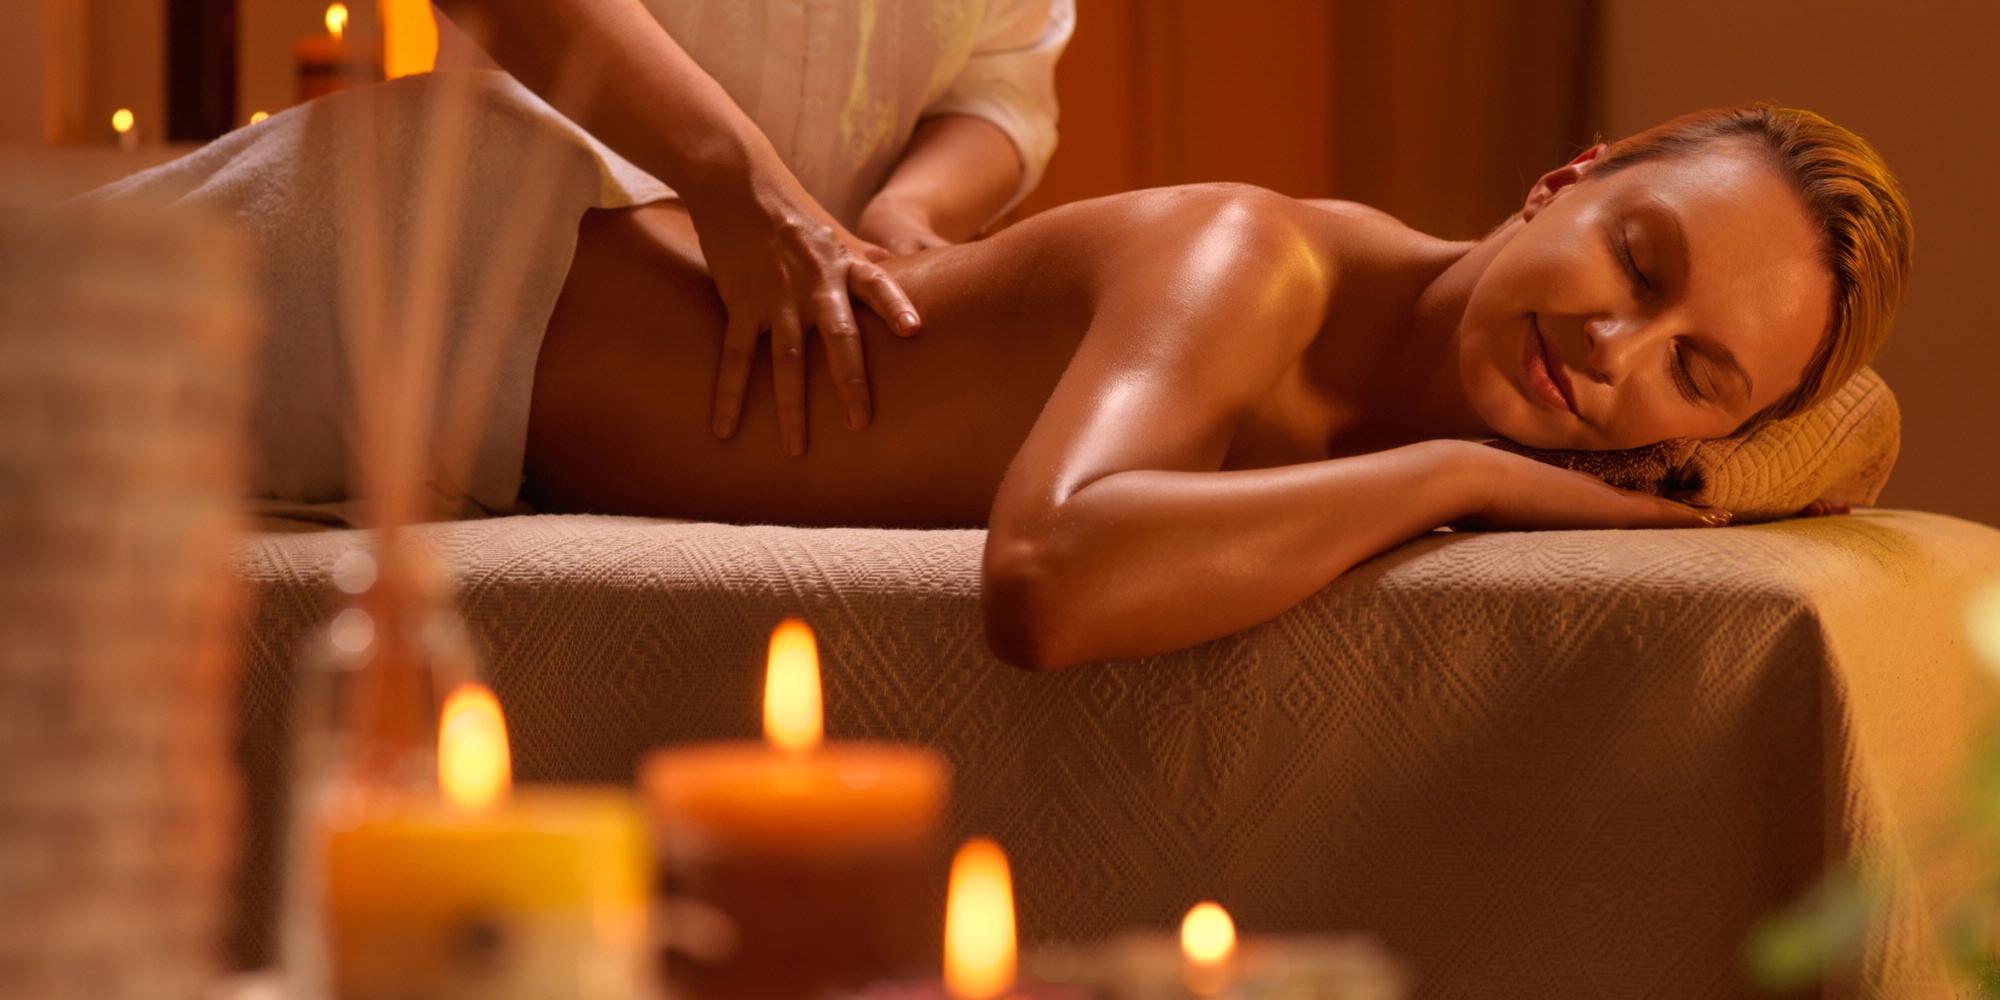 salon-eroticheskogo-massazha-bordo